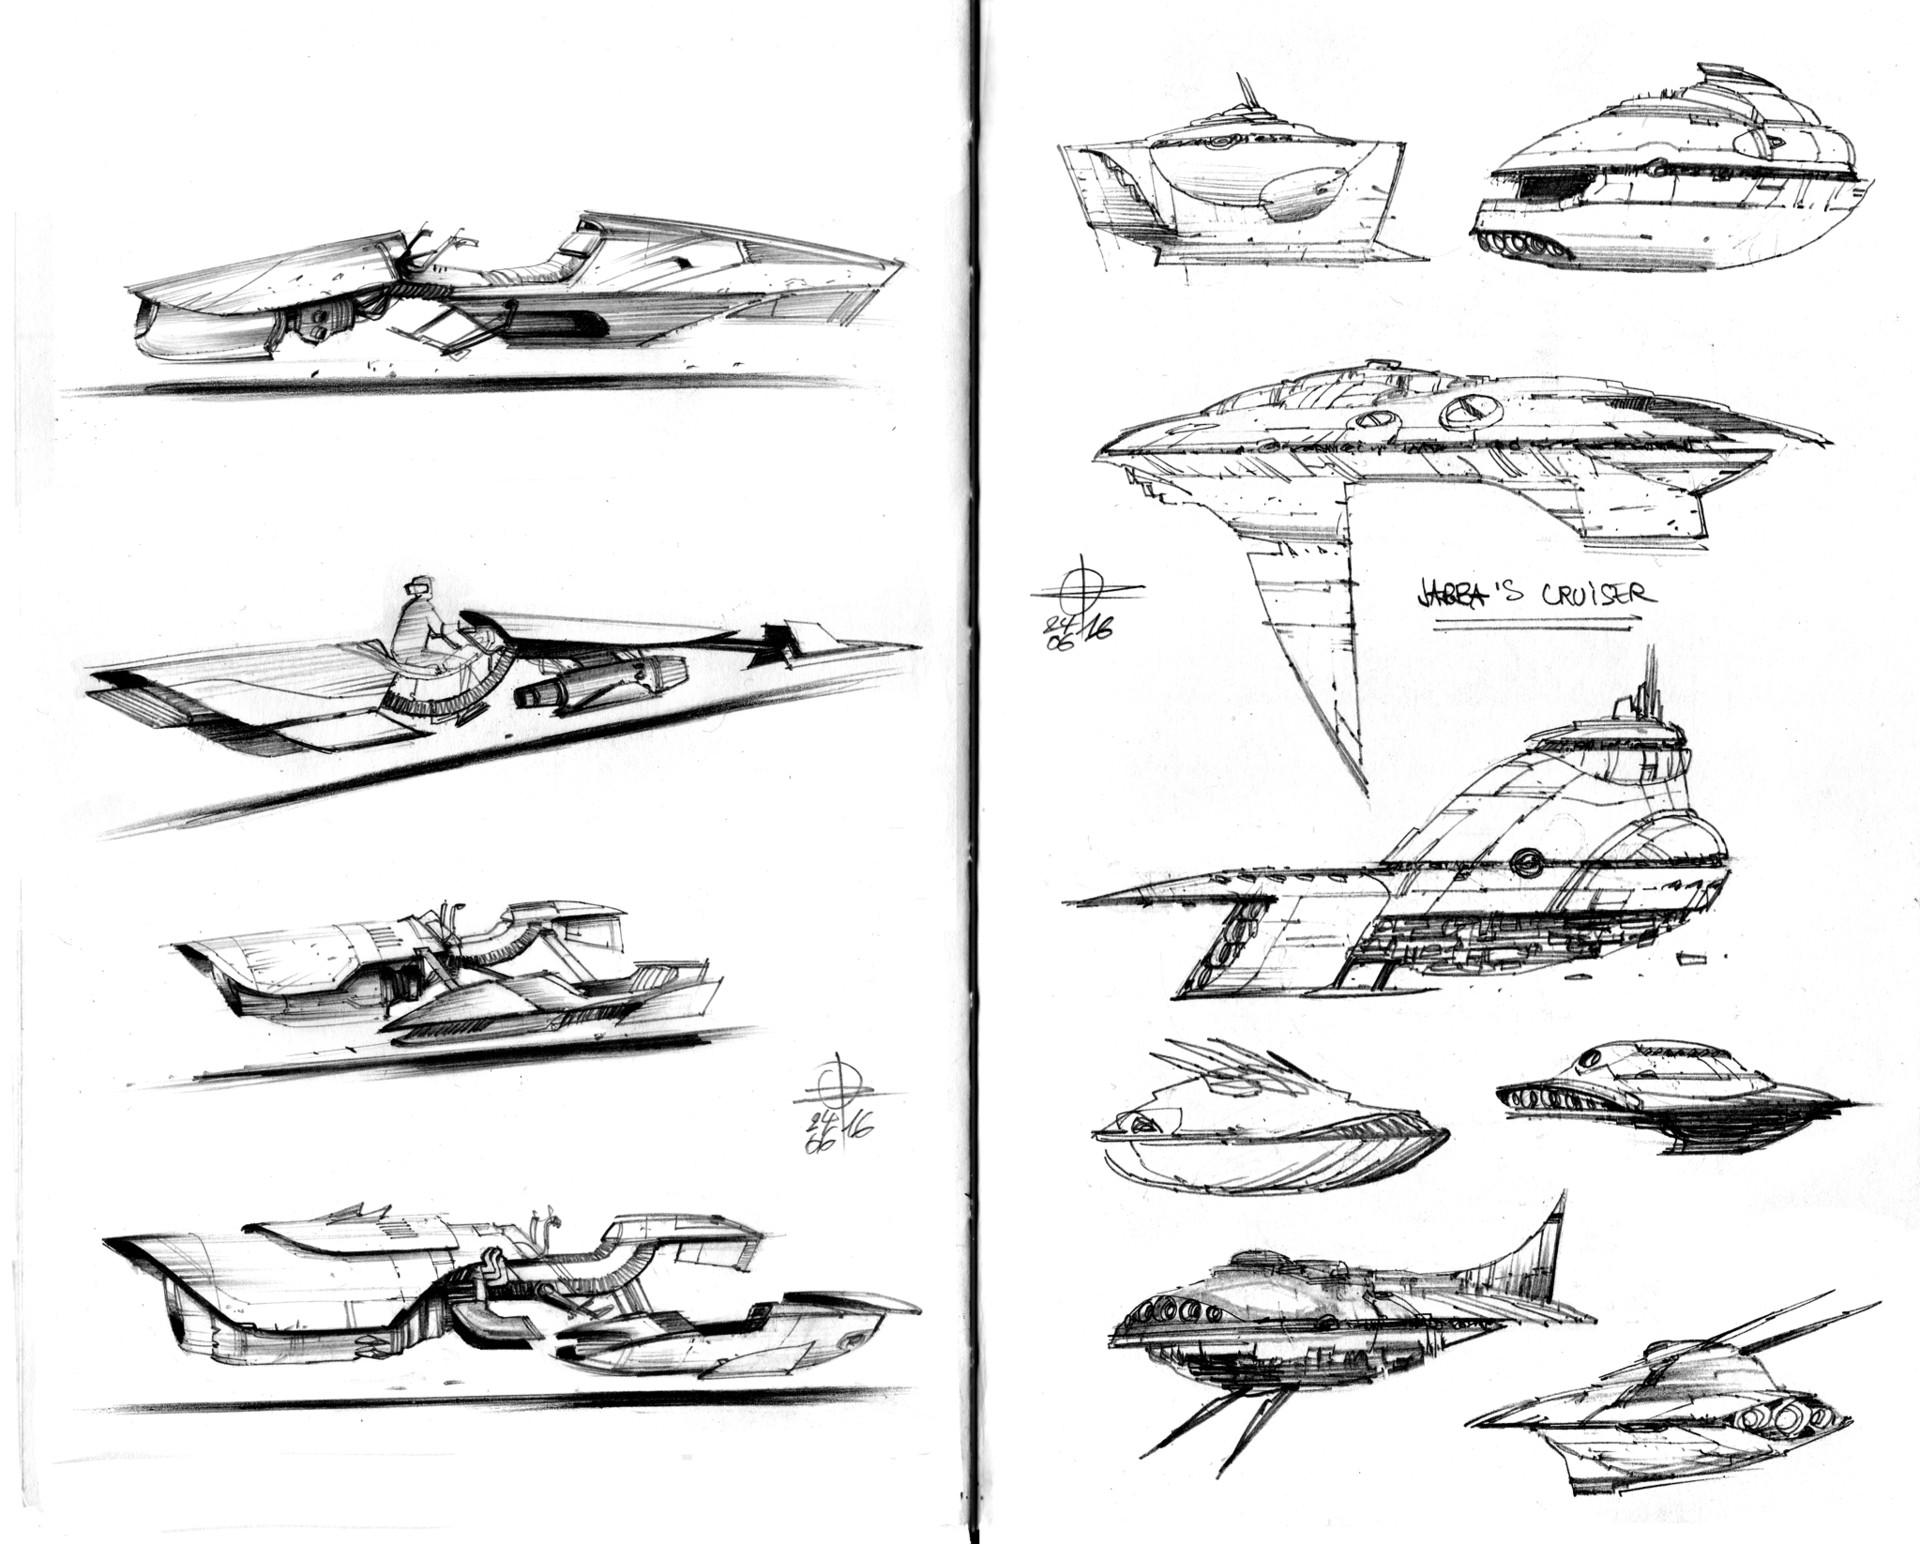 Renaud roche ride sketches05b